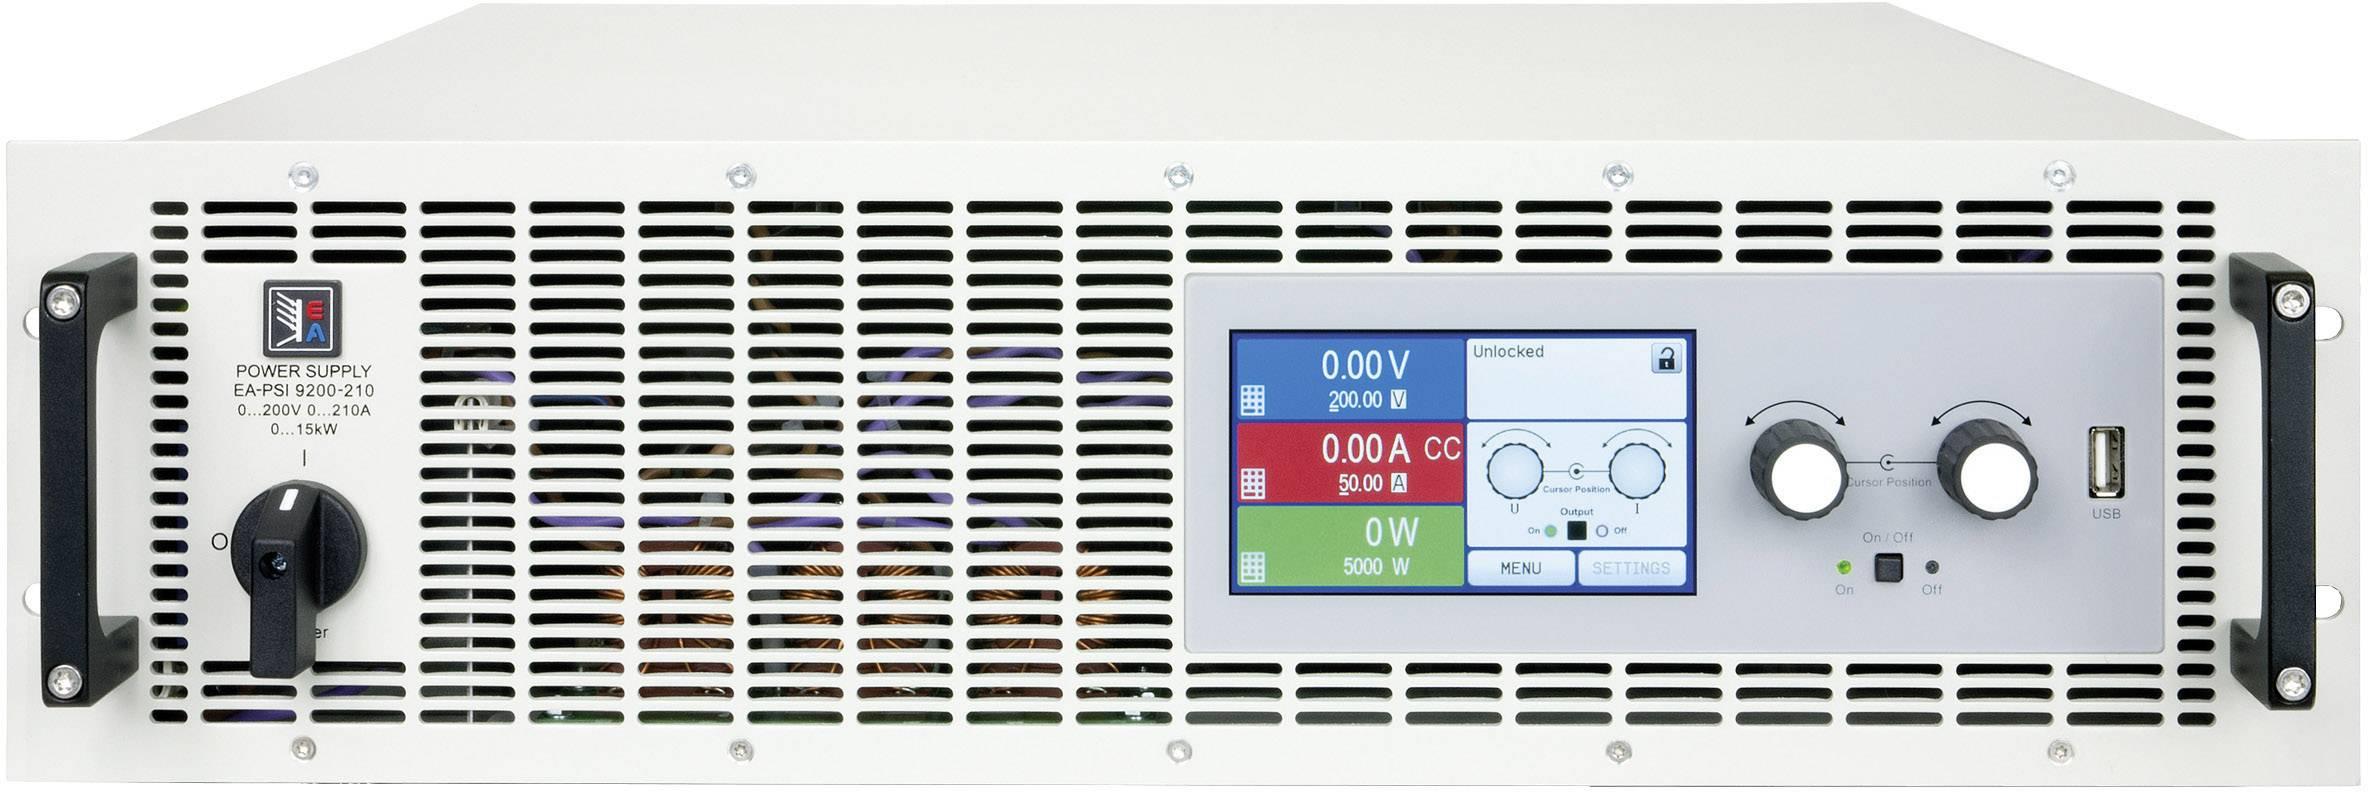 Programovateľný laboratórny zdroj EA EA-PSI 91500-30, 3U, 1500 V, 30 A, 15000 W, USB